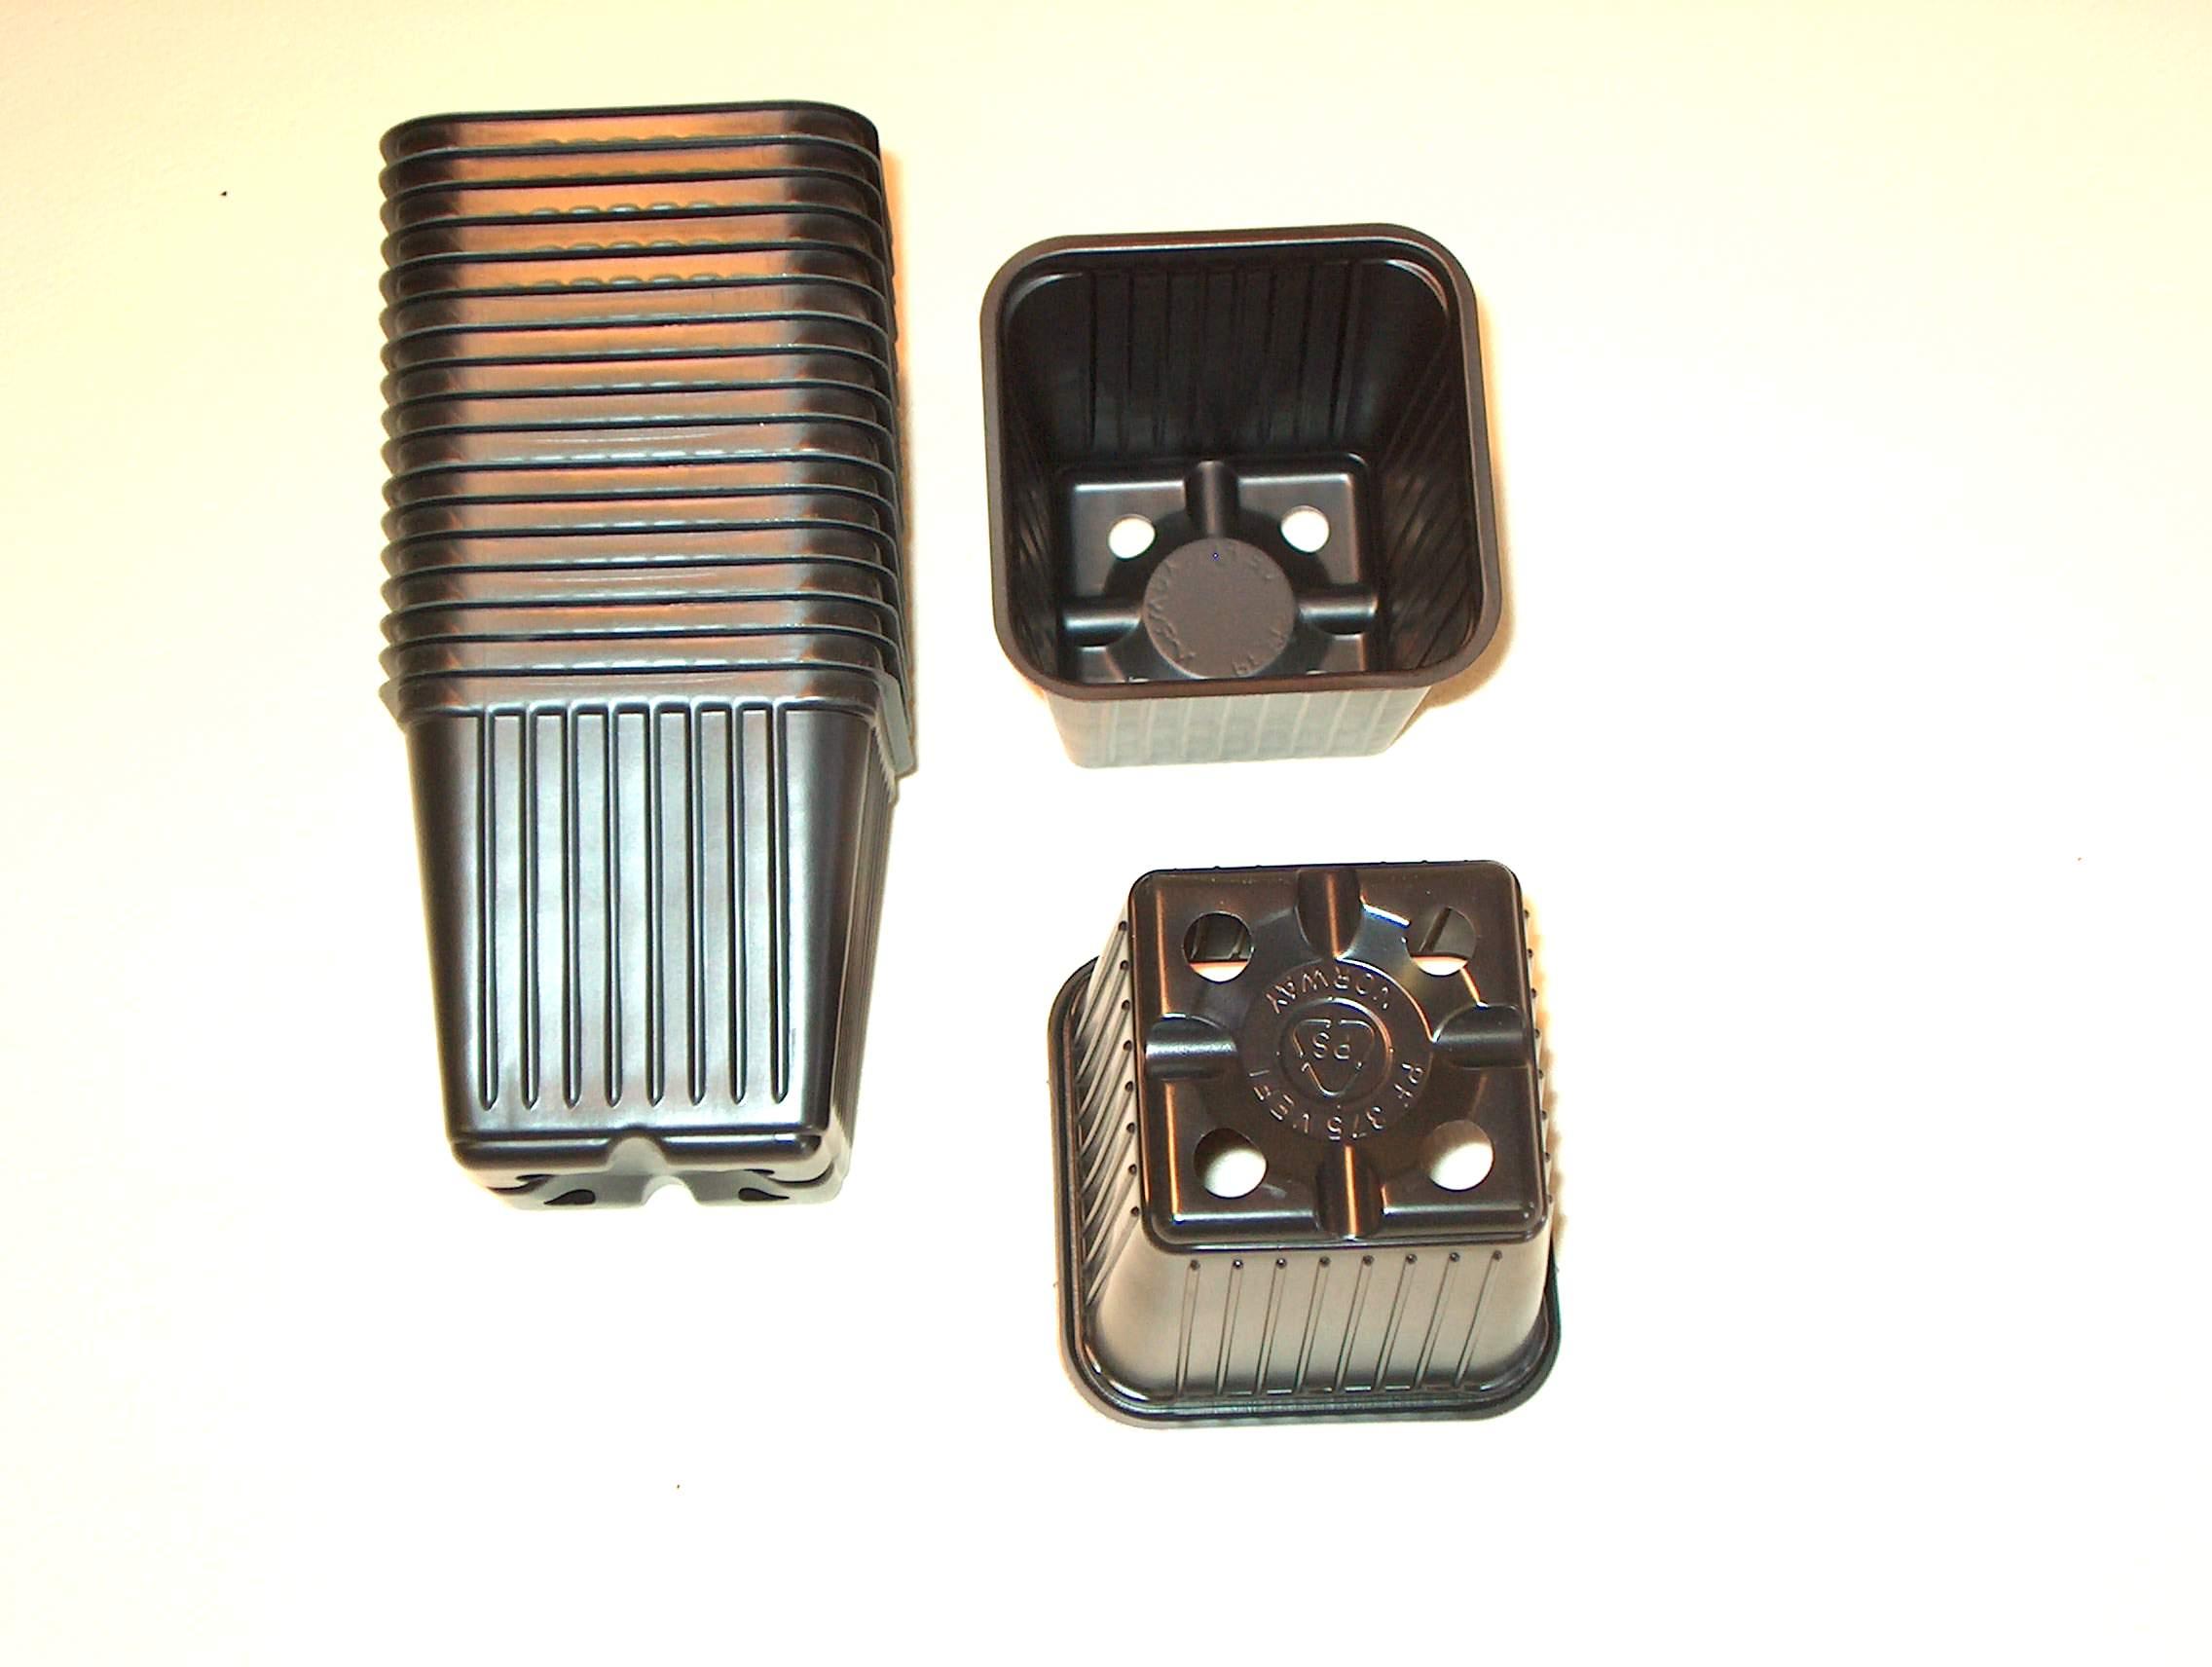 770705/Vefi kruka, Mjuk 7,5x7,5cm- 5-pack